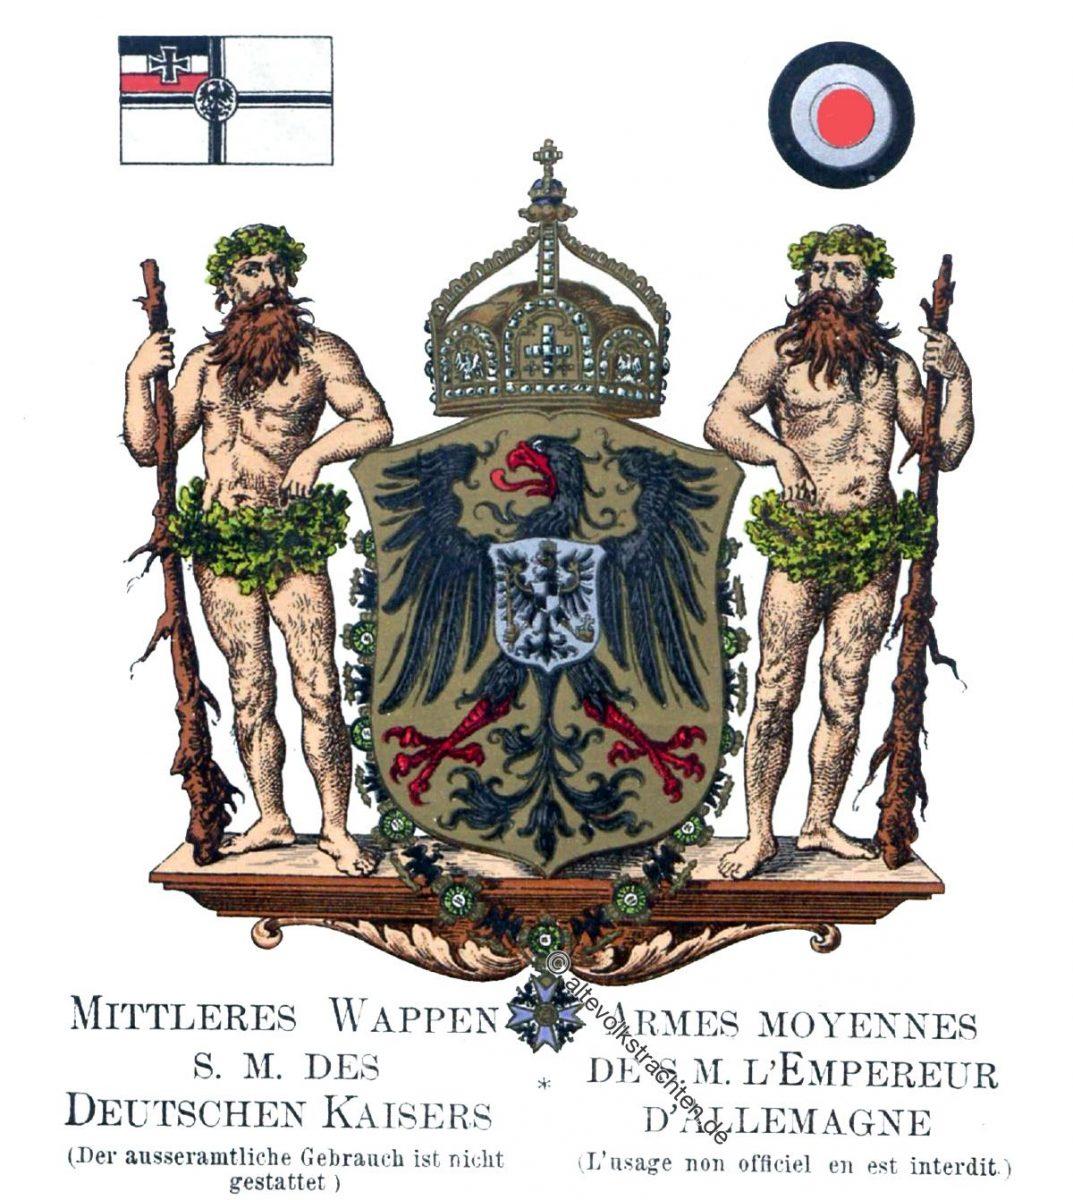 Mittleres Wappen, Deutschen Kaisers, Staatswappen, Wappen, Heraldik, Deutschland, Landesflaggen, Cocarden, heraldry, héraldique, armoiries,